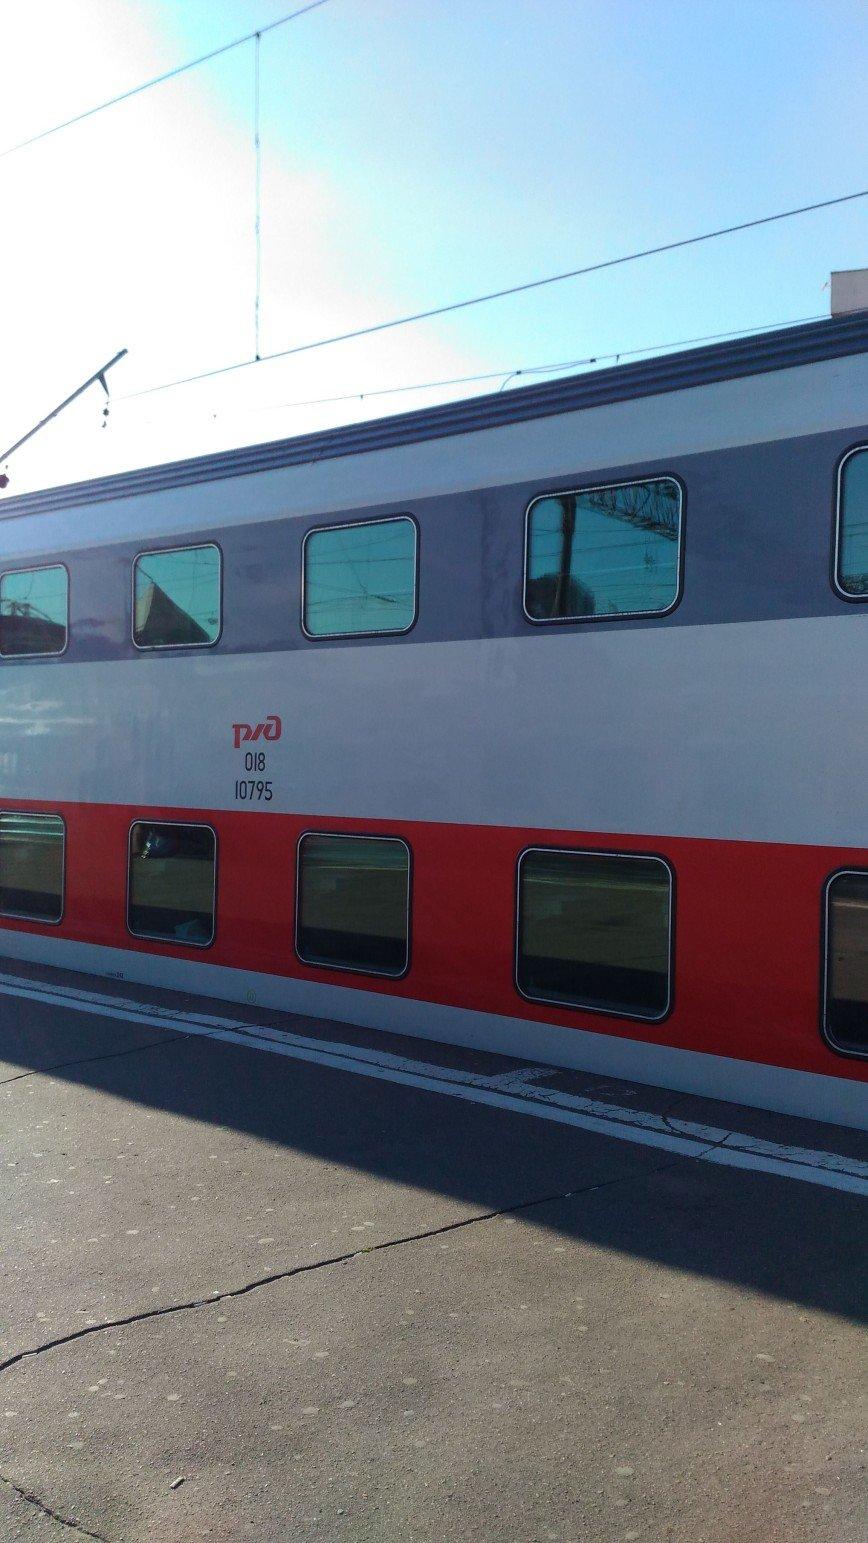 Автор: mesyachuck, Фотозал: Туристические зарисовки, Двухэтажный поезд Москва - Самара.